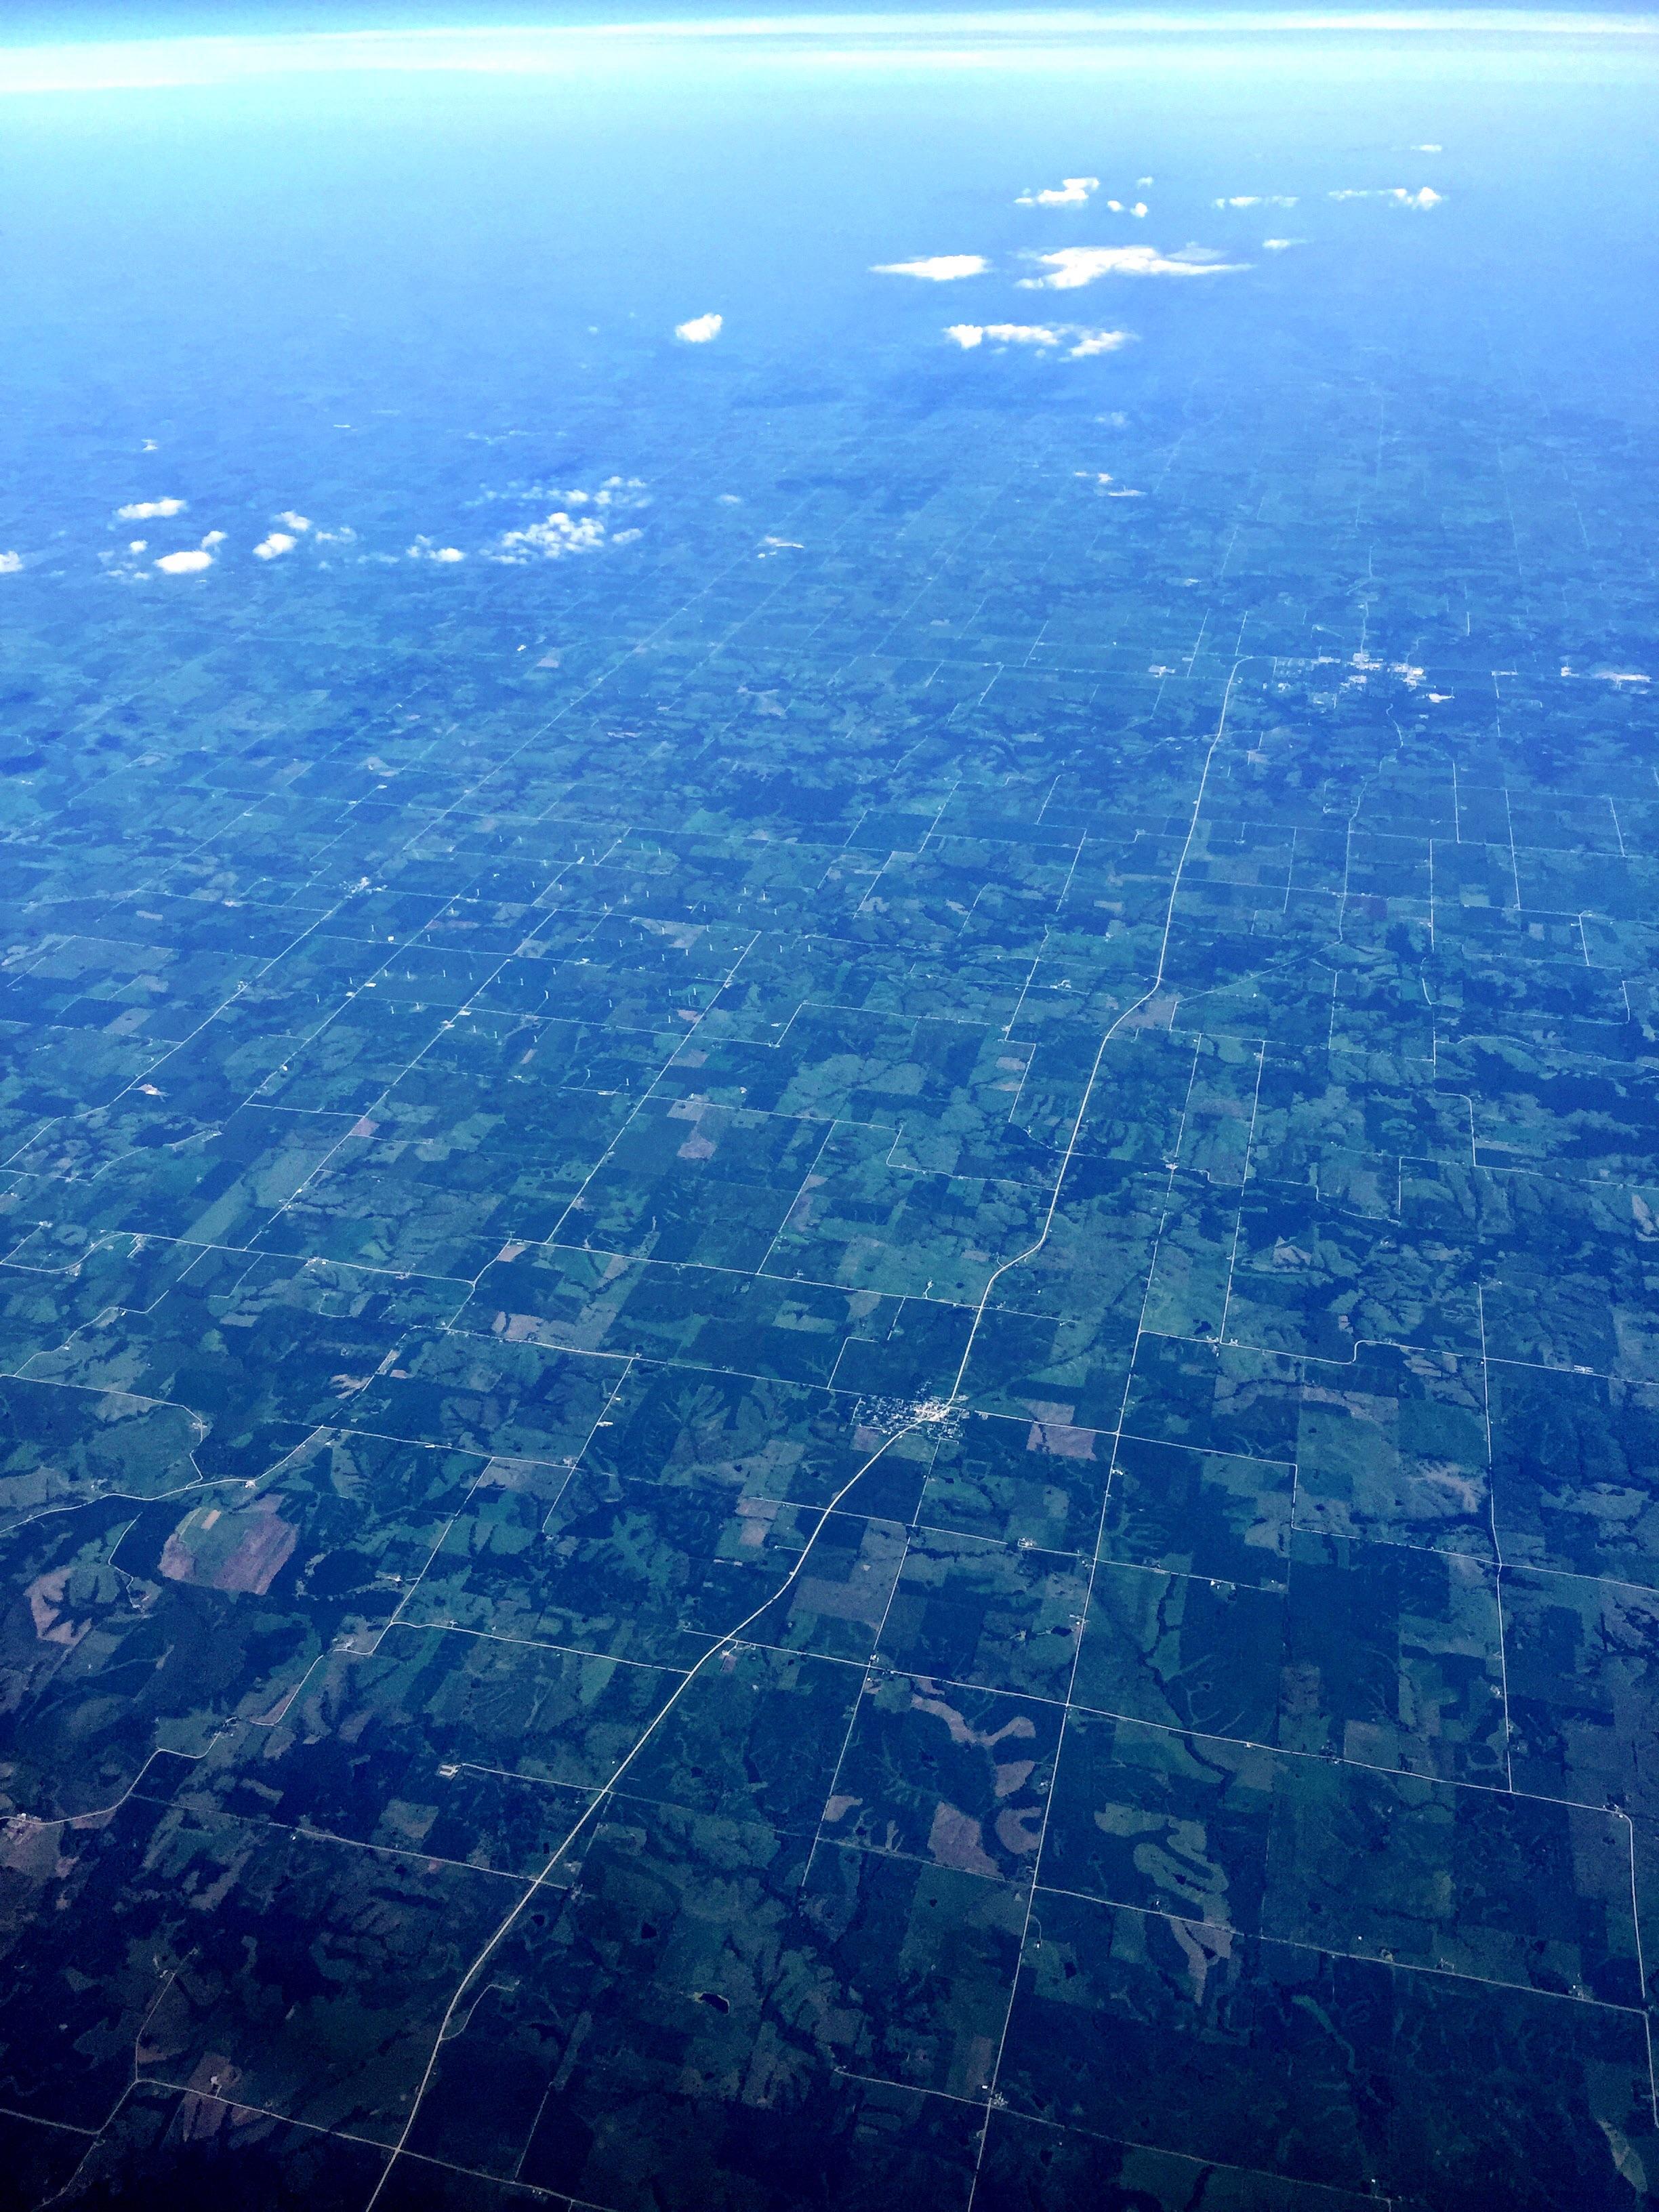 Over Jones, Iowa, at 11:01 AM.